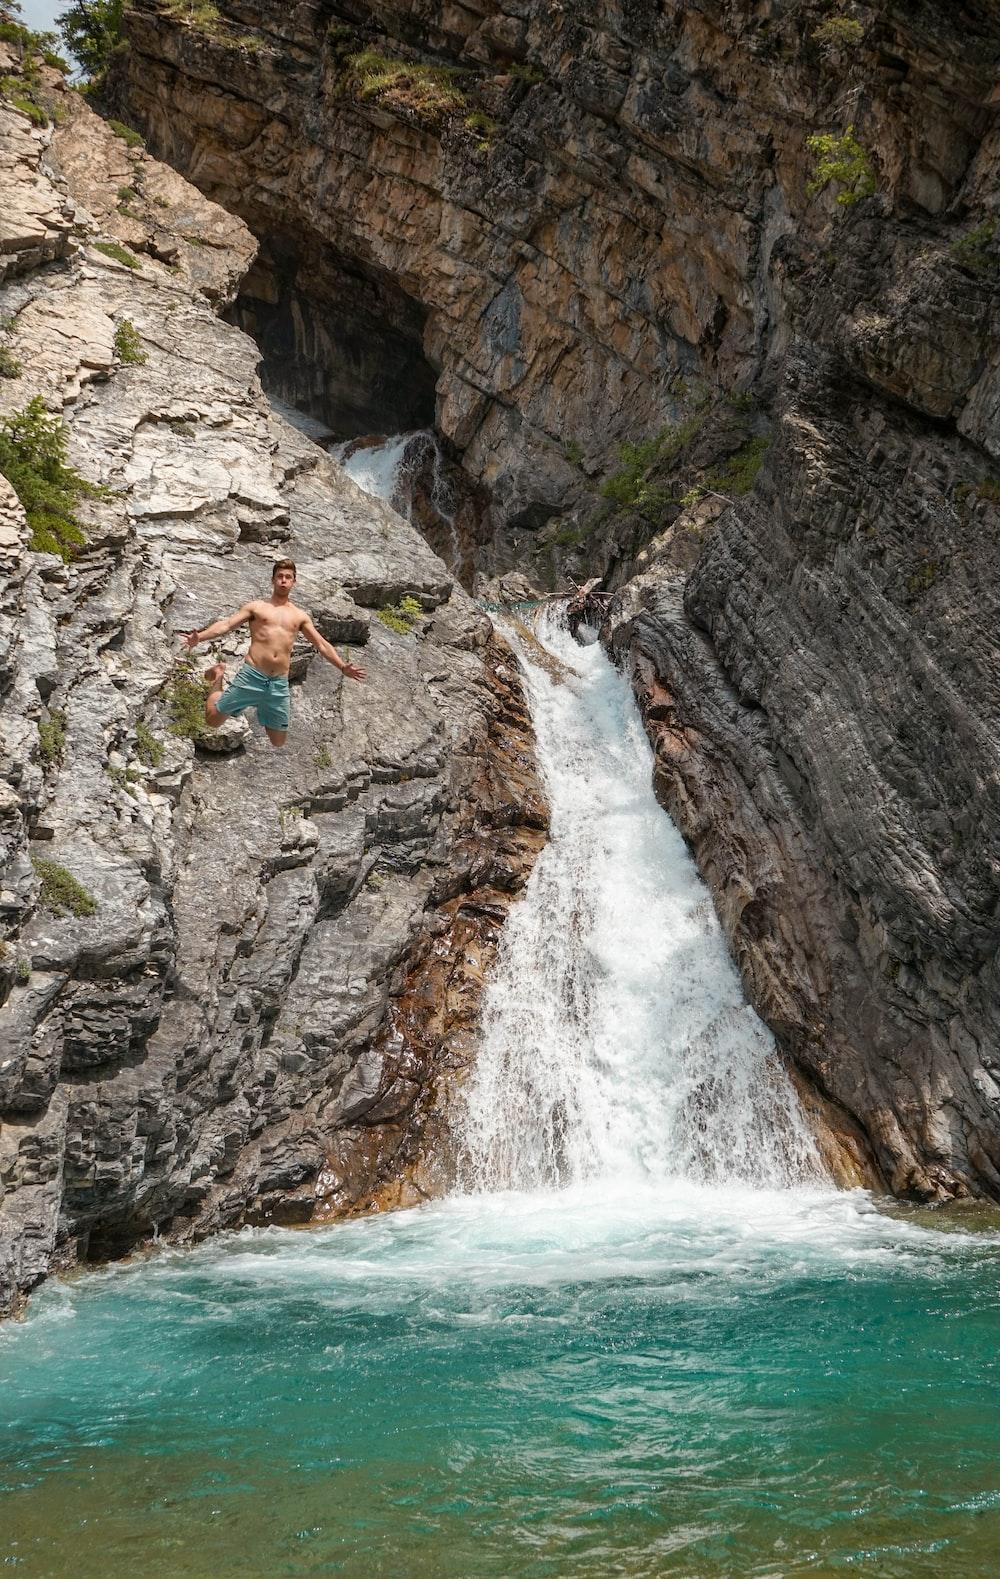 man jumping at body of water